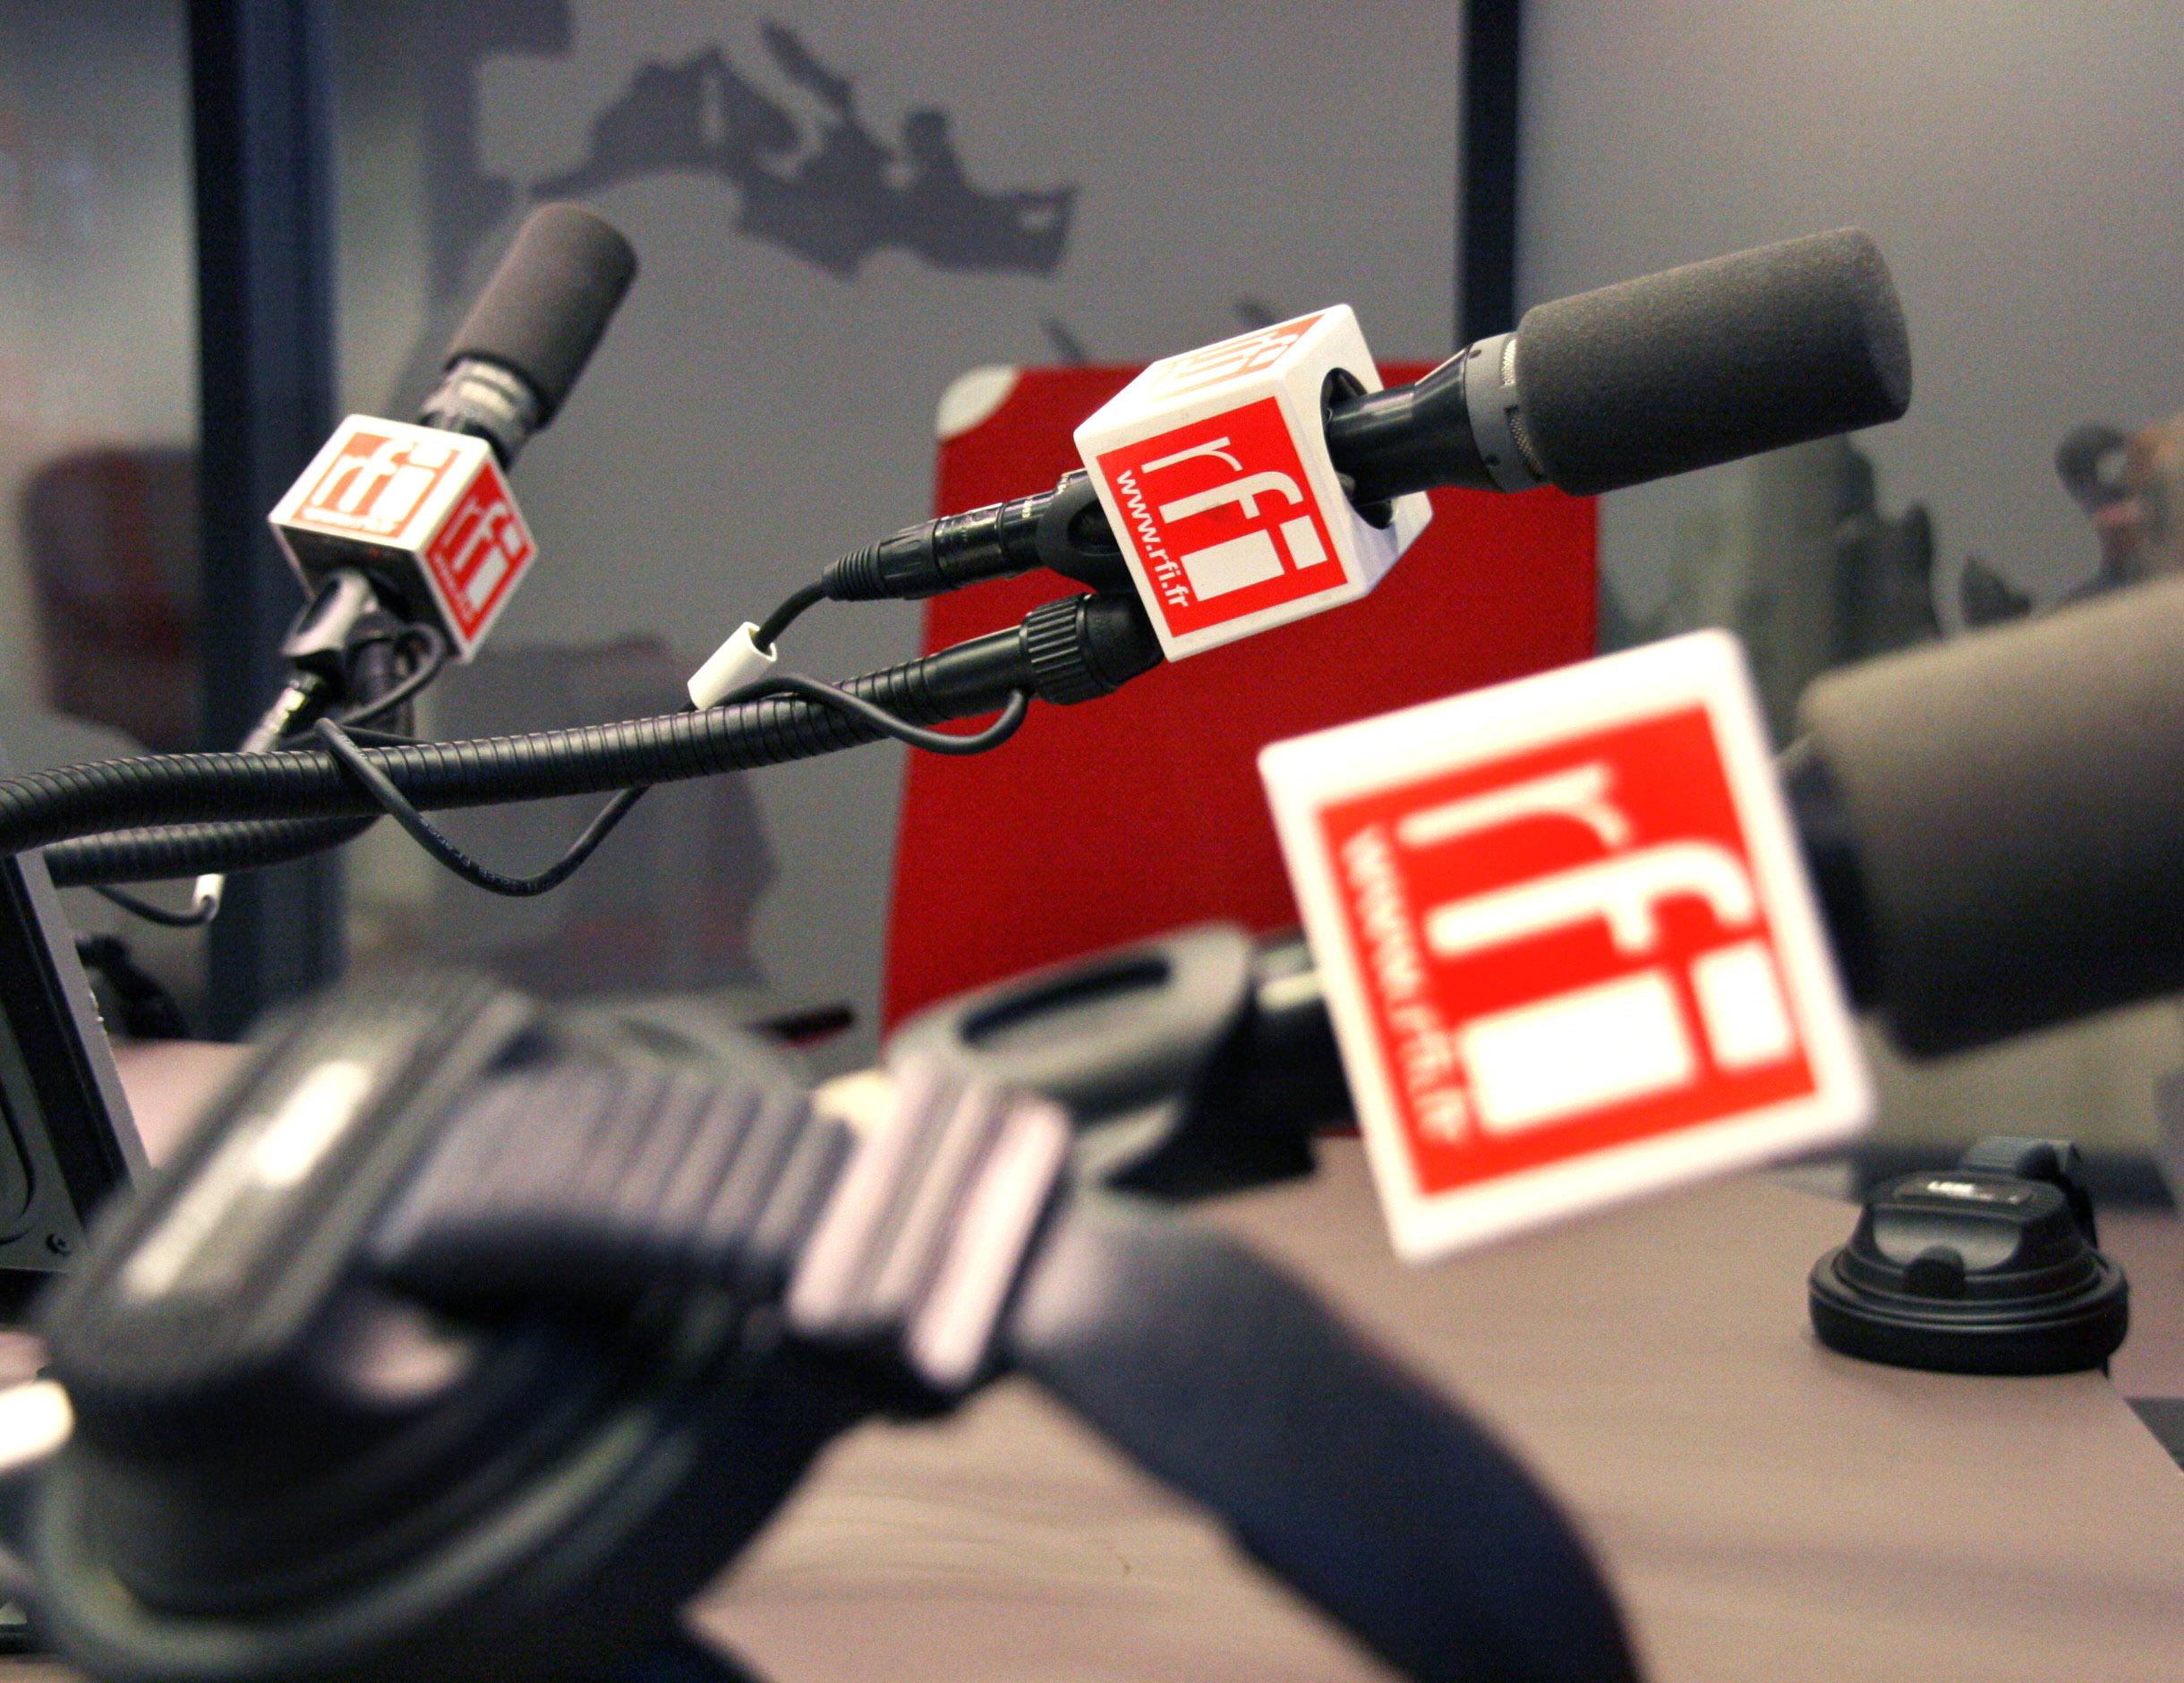 RFI lance une nouvelle offre éditoriale en mandingue